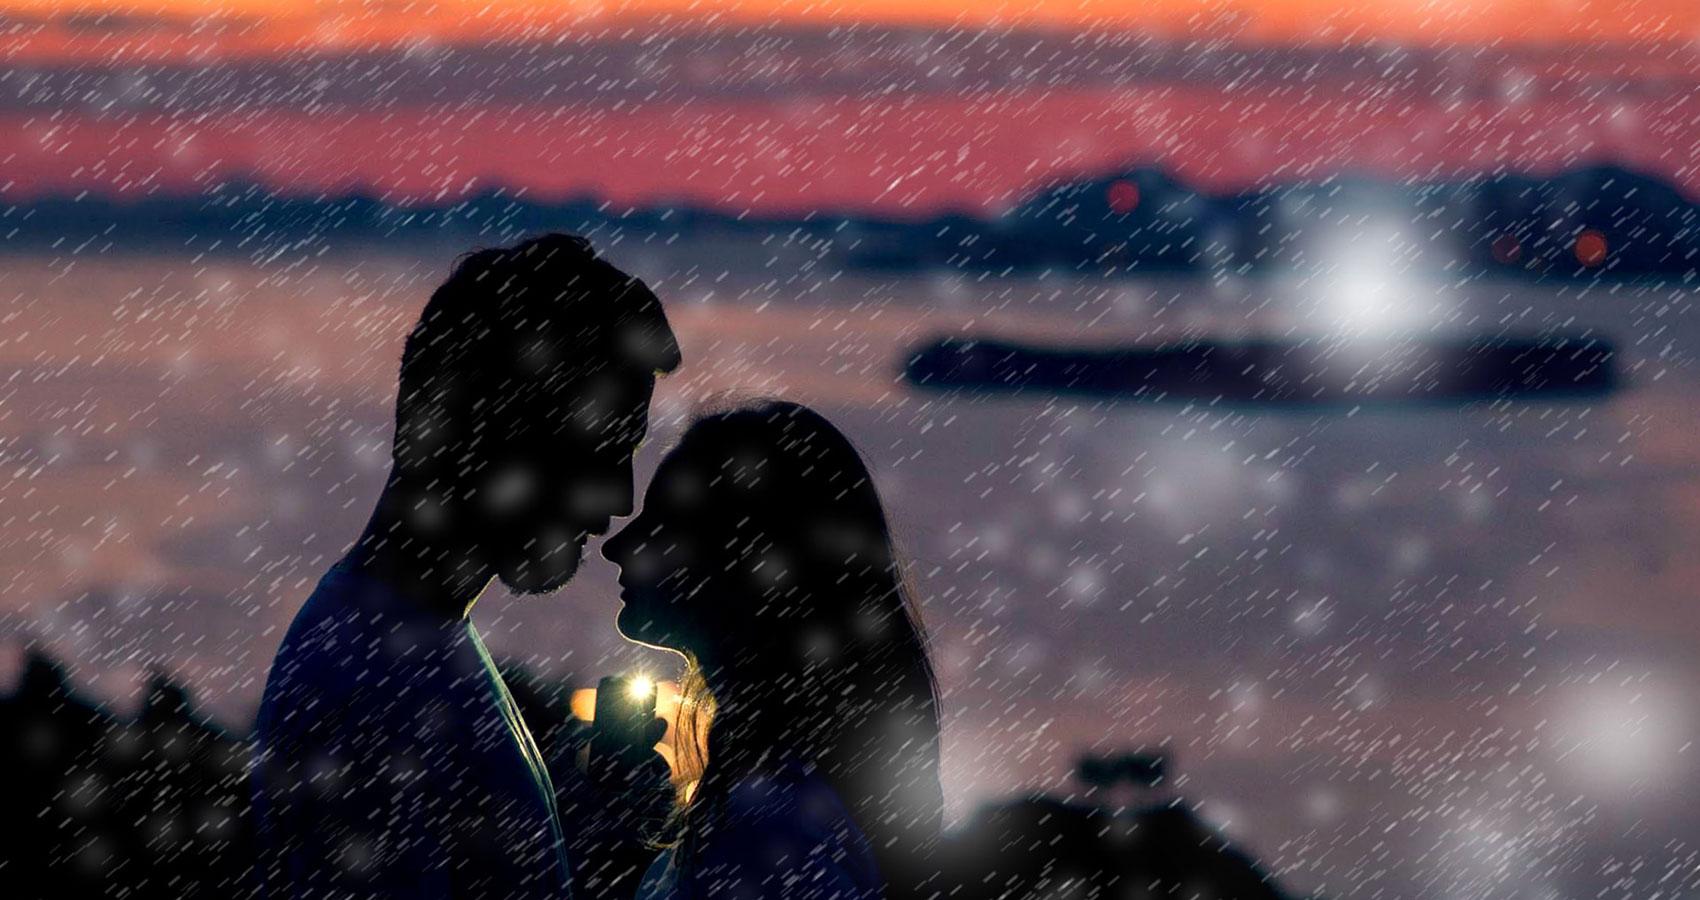 Sombra De Amor by Romulaizer Pardo at Spillwords.com